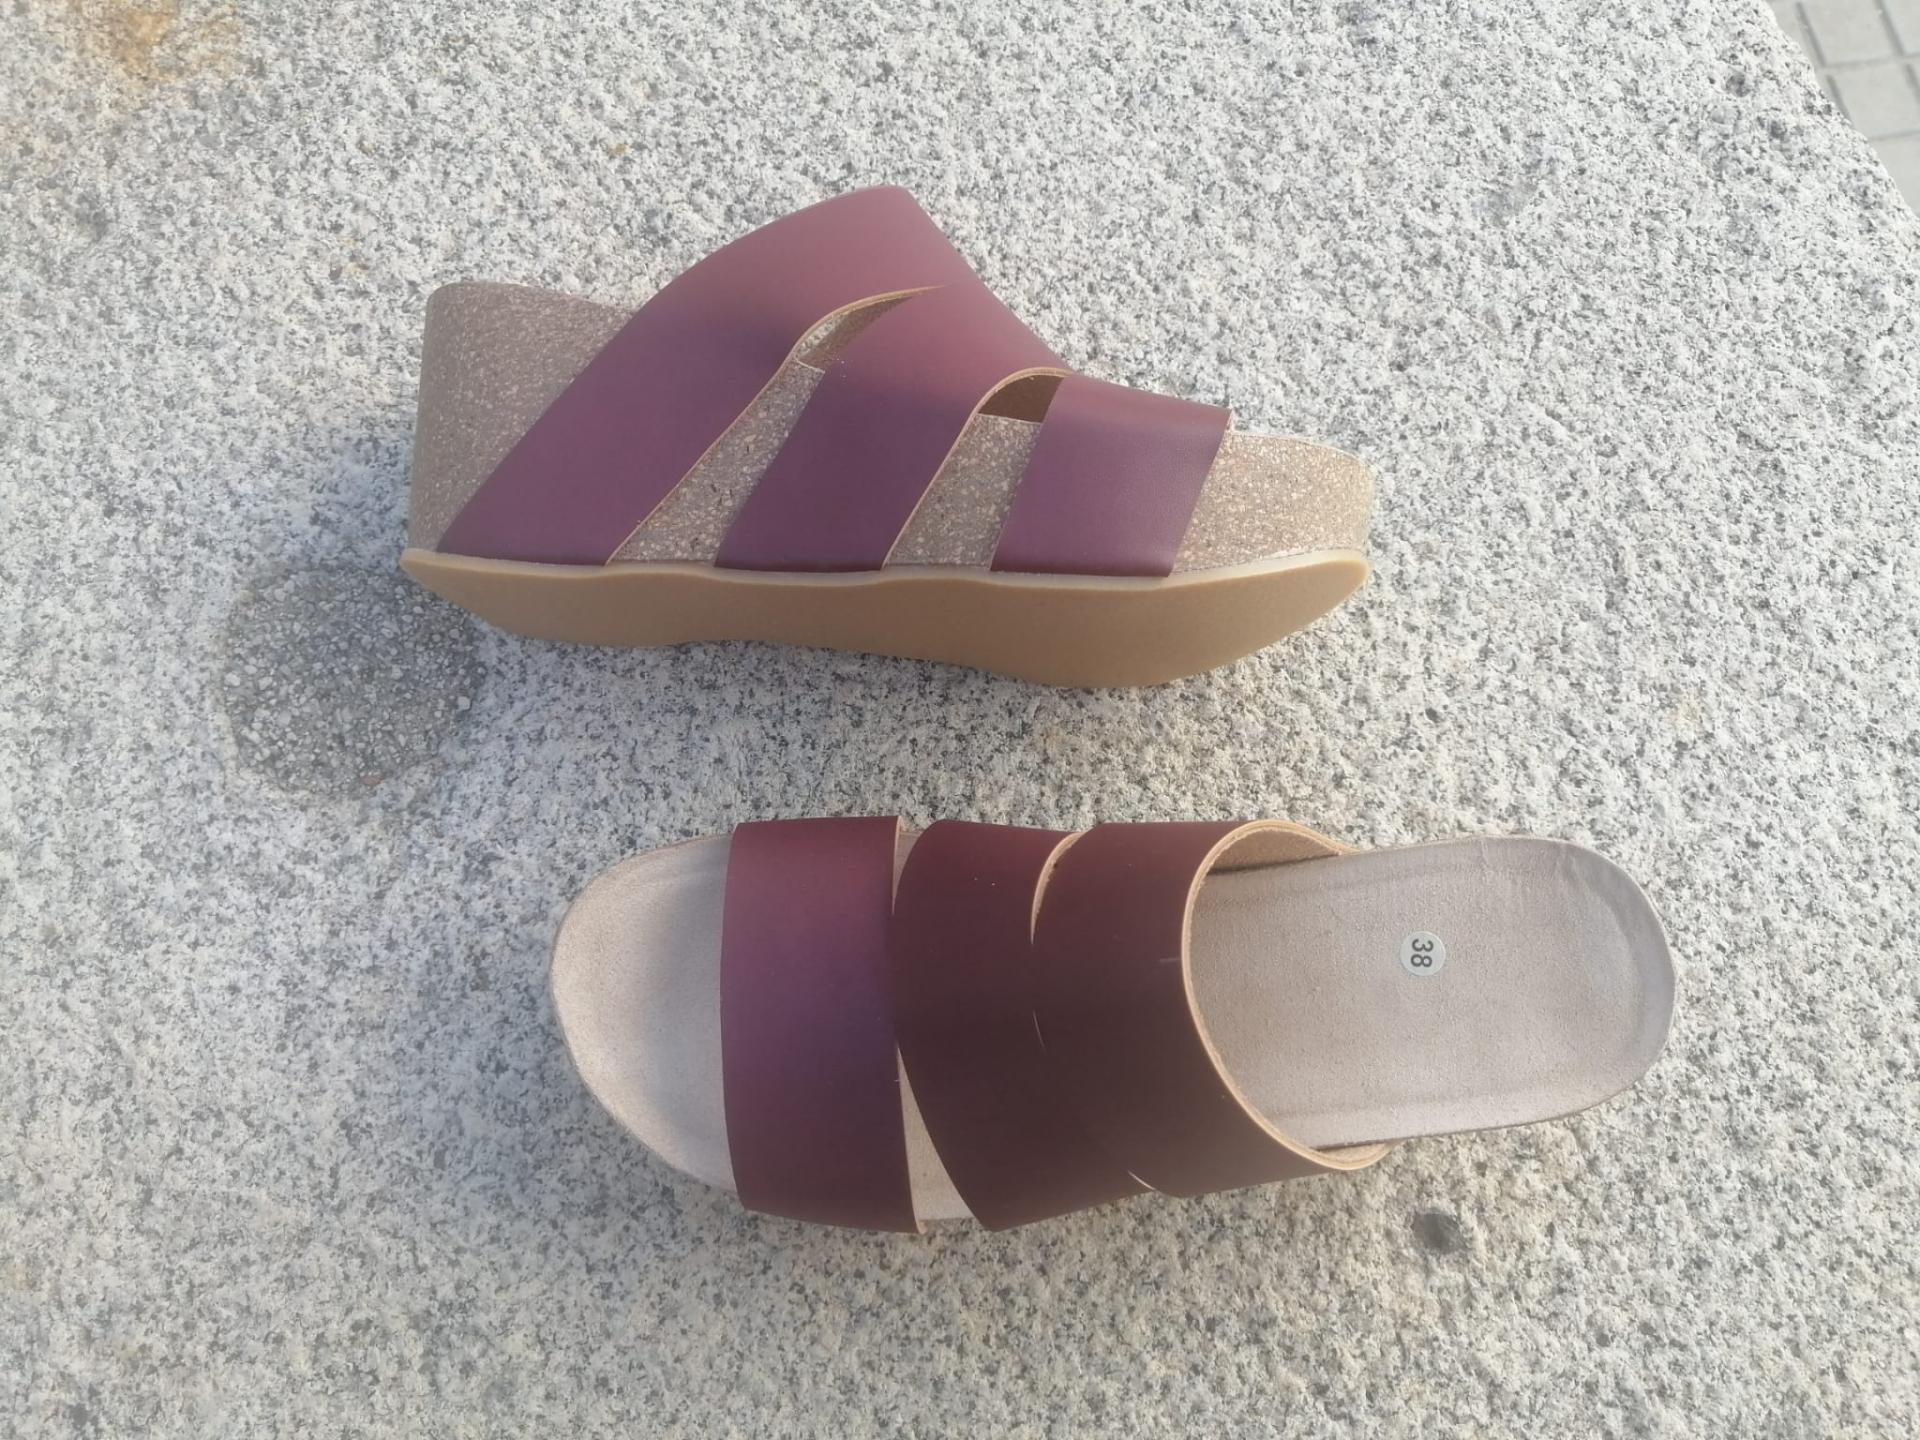 Modelo millas, burdeos malinche sandalias veganas, sandalias veganas mujer, calzado vegano, sandalias de plataforma, sandalias bioworld, vegan shoes.